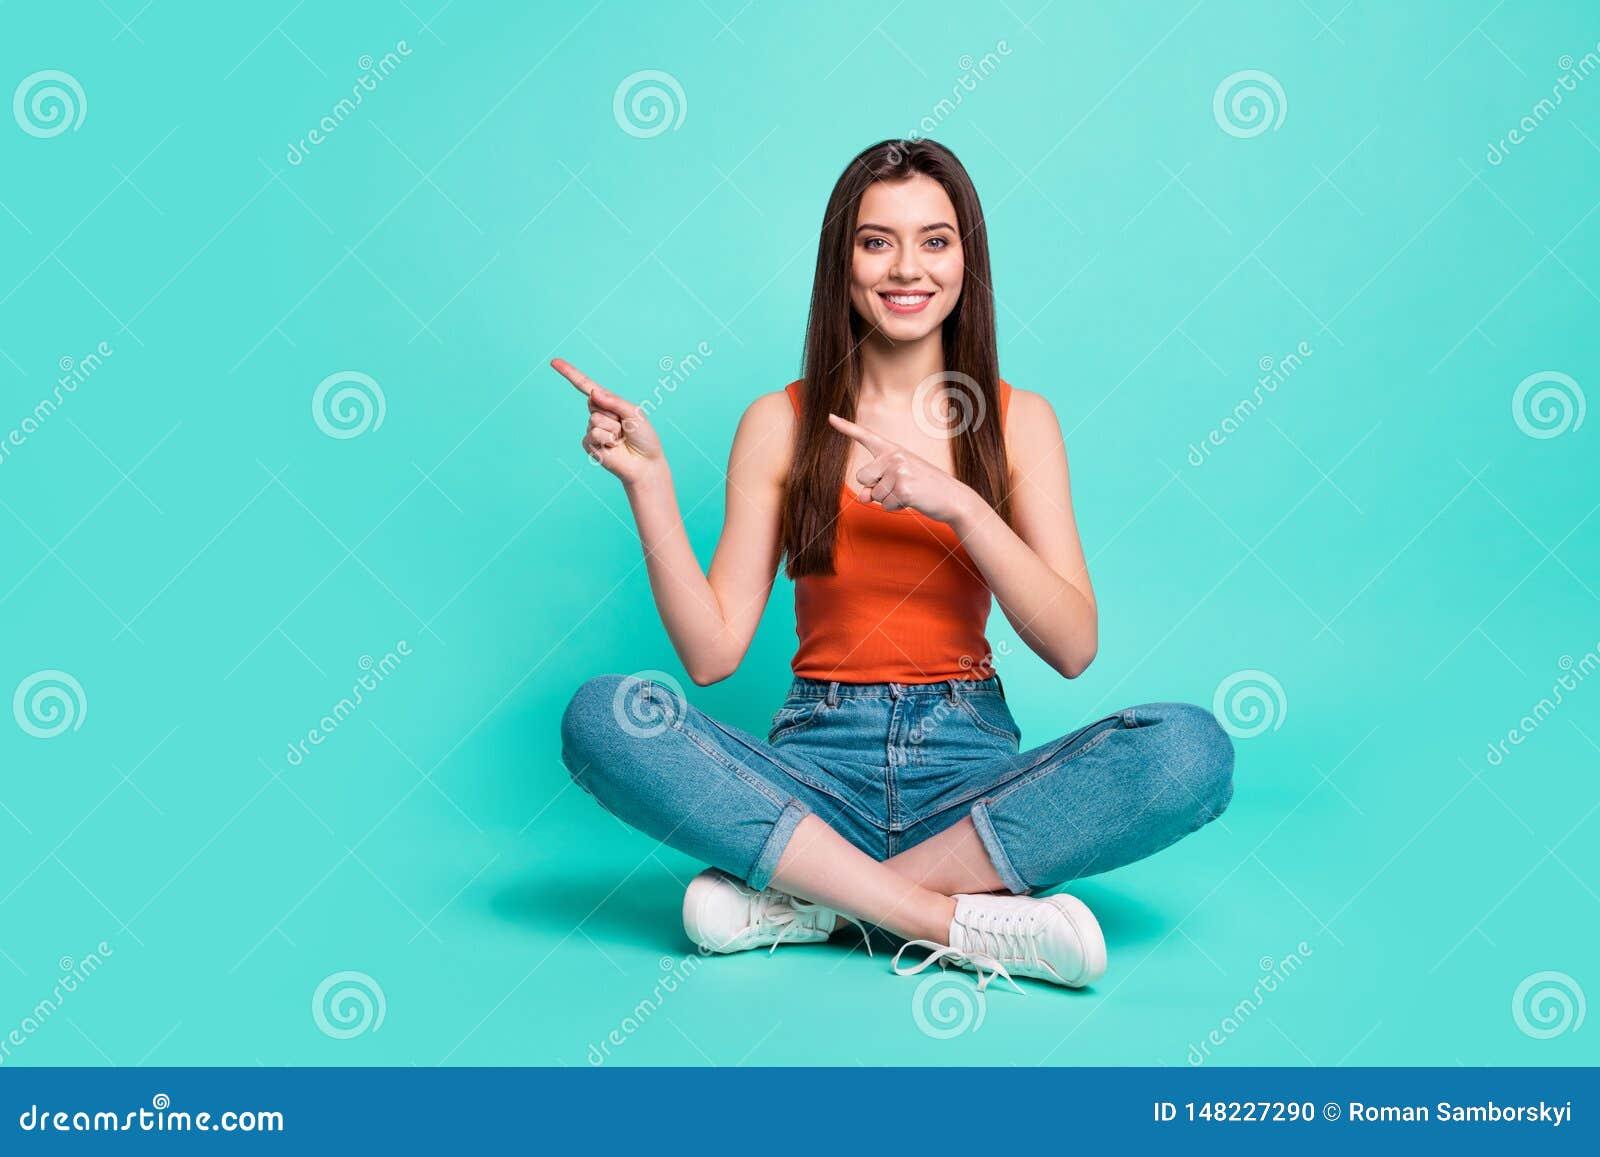 Πλήρης φωτογραφία μεγέθους σωμάτων μήκους όμορφη αυτή κυρία κάθεται διασχισμένα τα πάτωμα άμεσα δάχτυλα ποδιών που το κενό διάστη